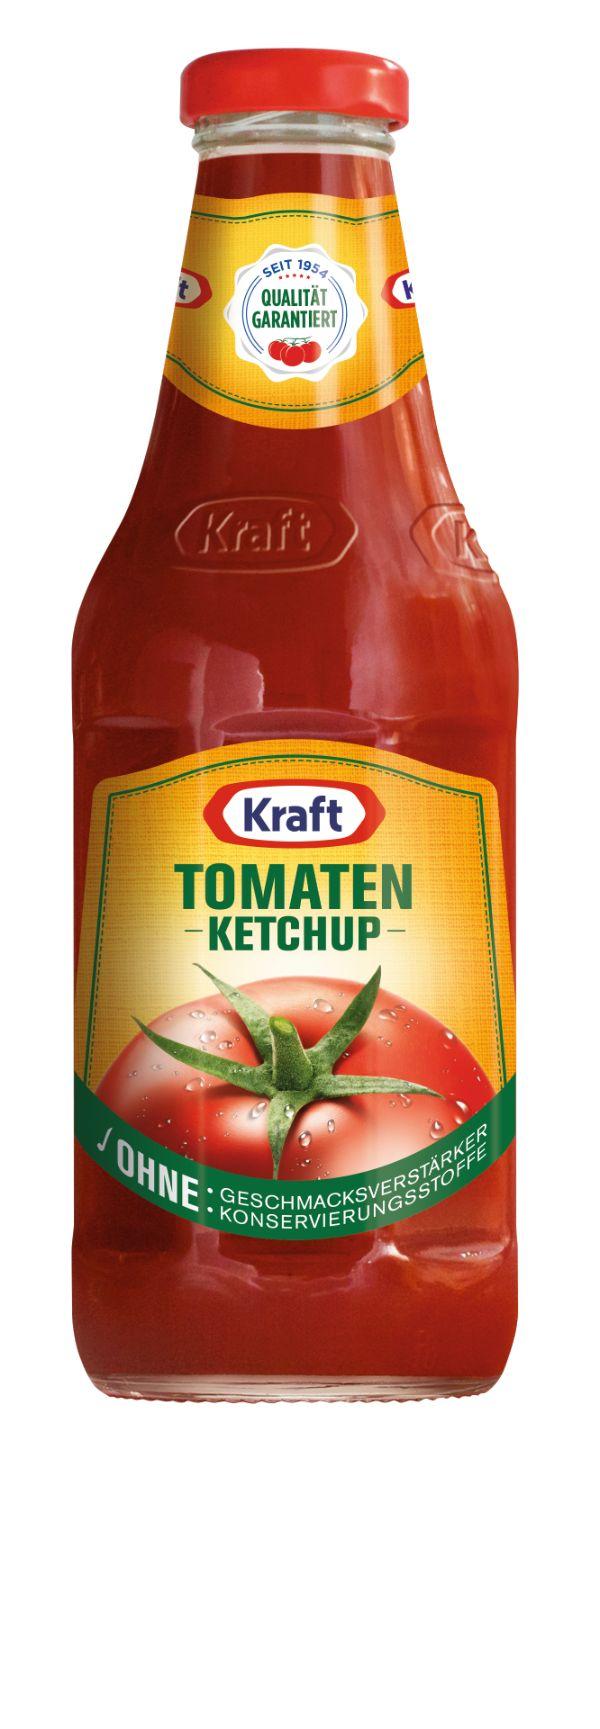 Kraft Tomaten Ketchup 750ml image